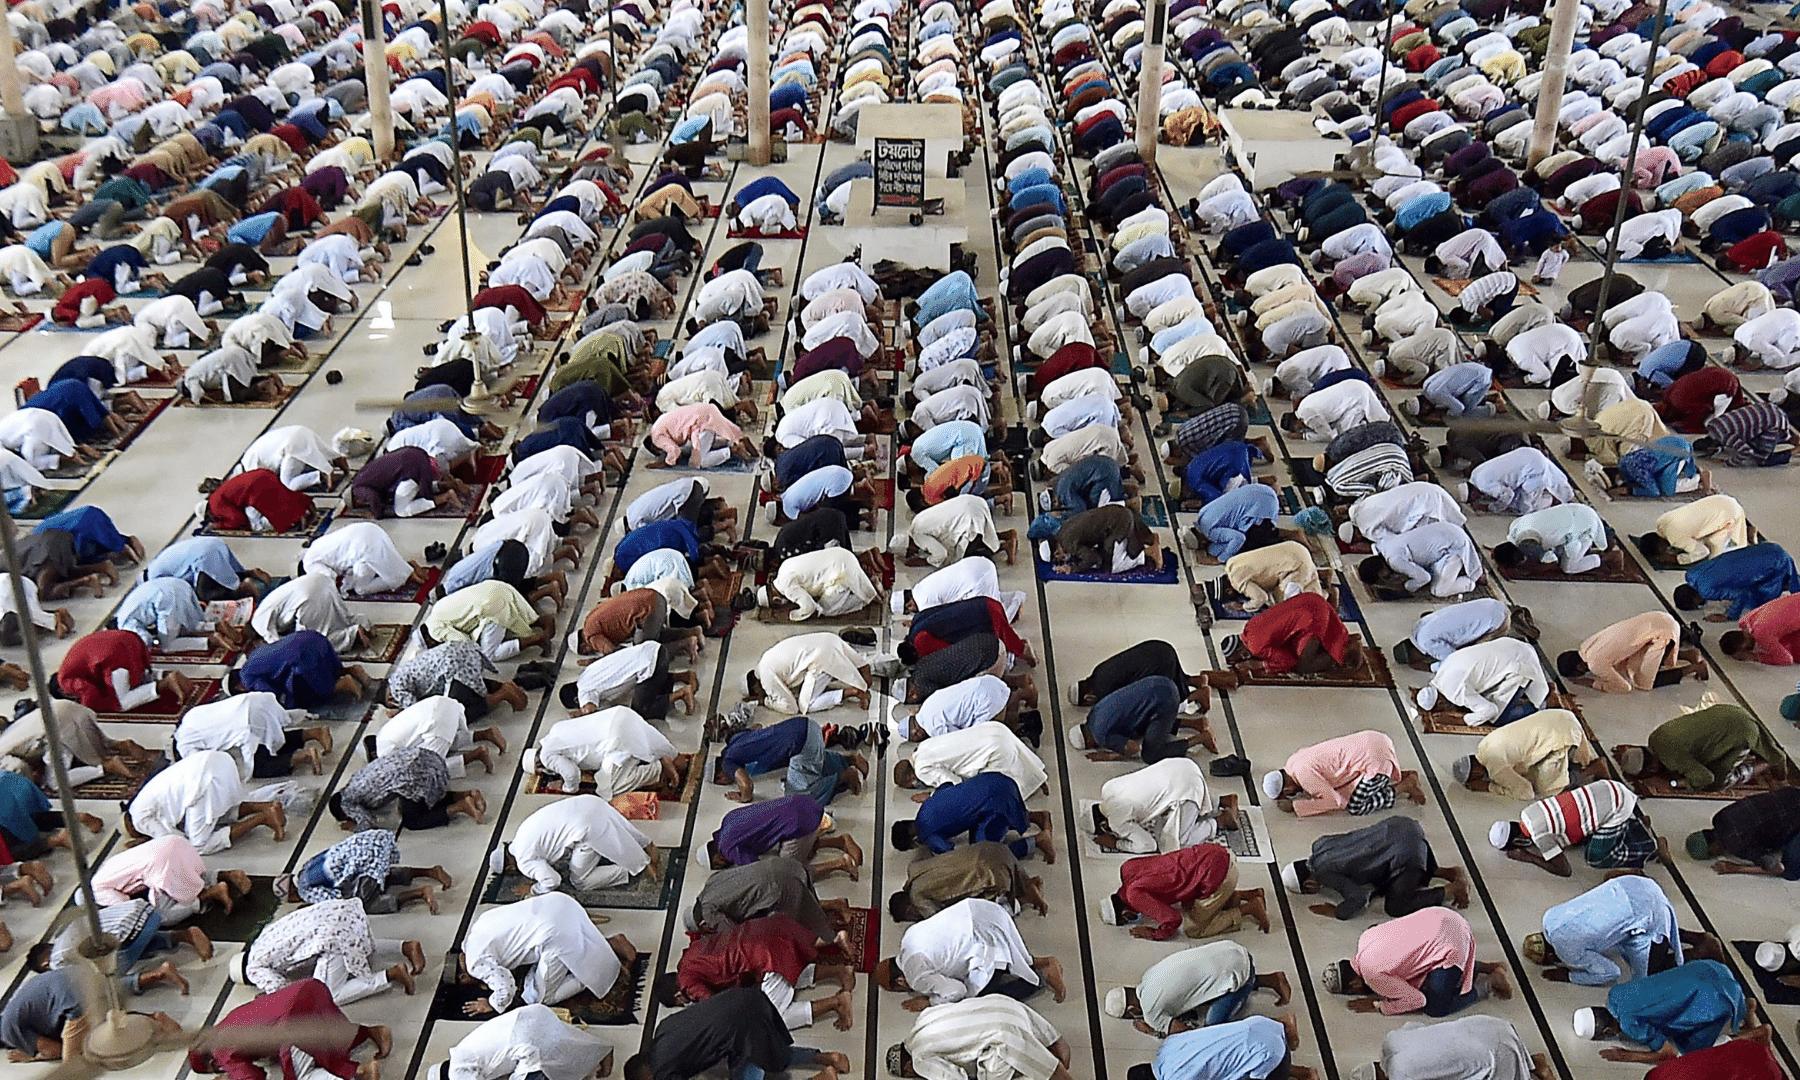 ڈھاکا میں نماز عید کی ادائیگی کے دوران فرزندان اسلام بارگاہی الٰہی میں سربسجود ہیں— فوٹو: اے ایف پی